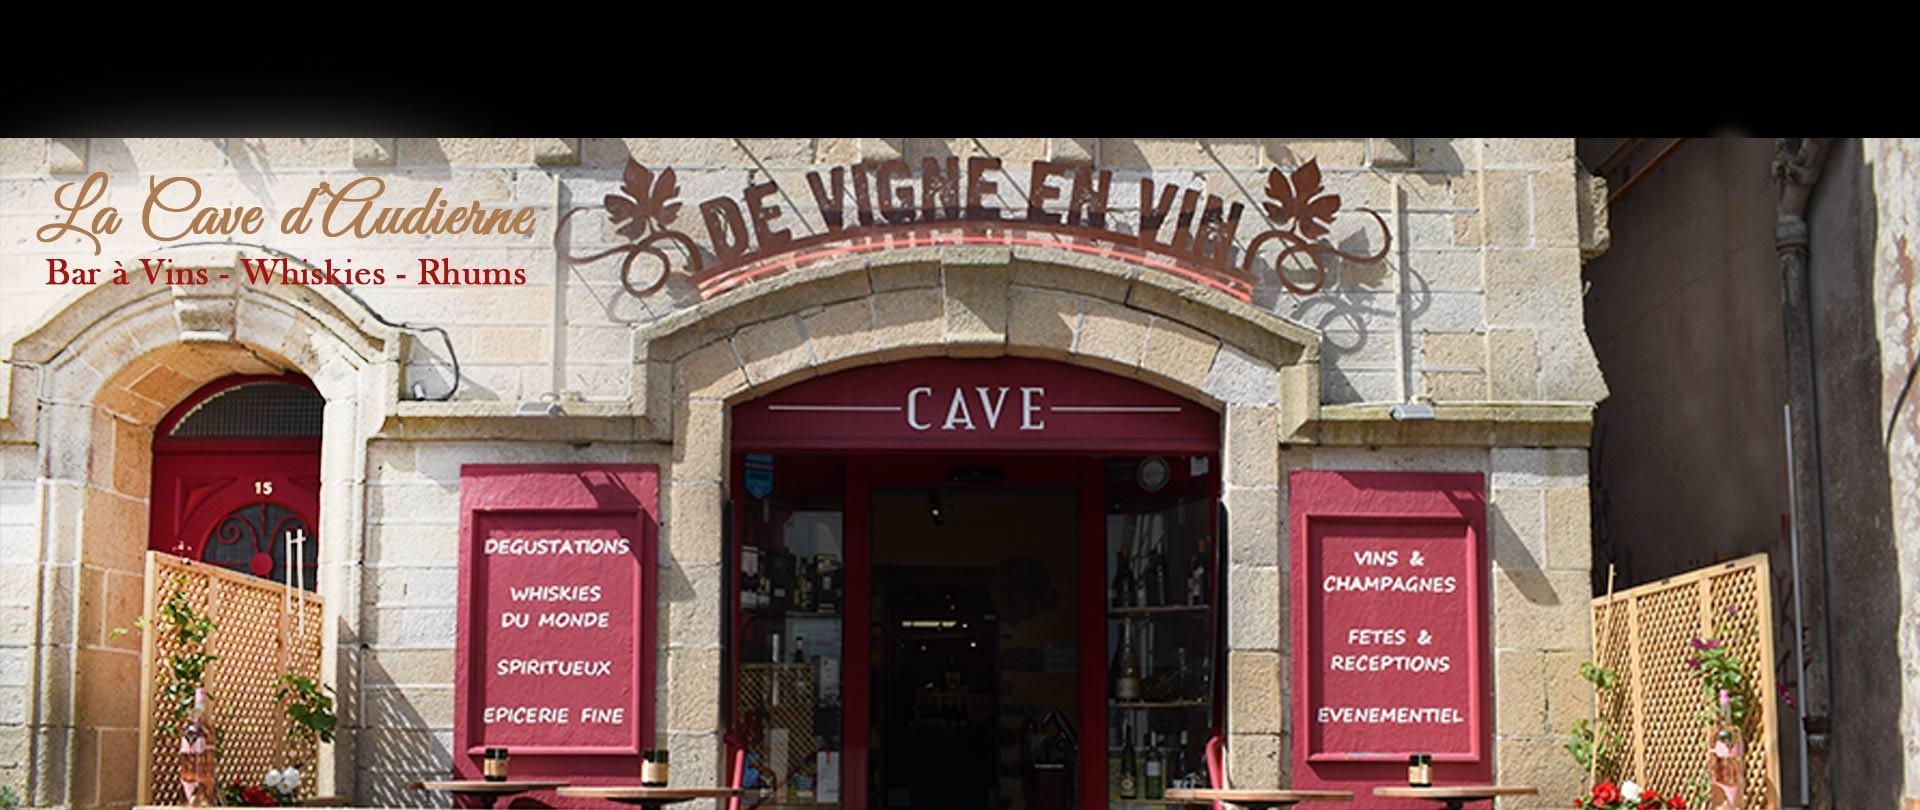 Devignenvin - Cave vins Audierne